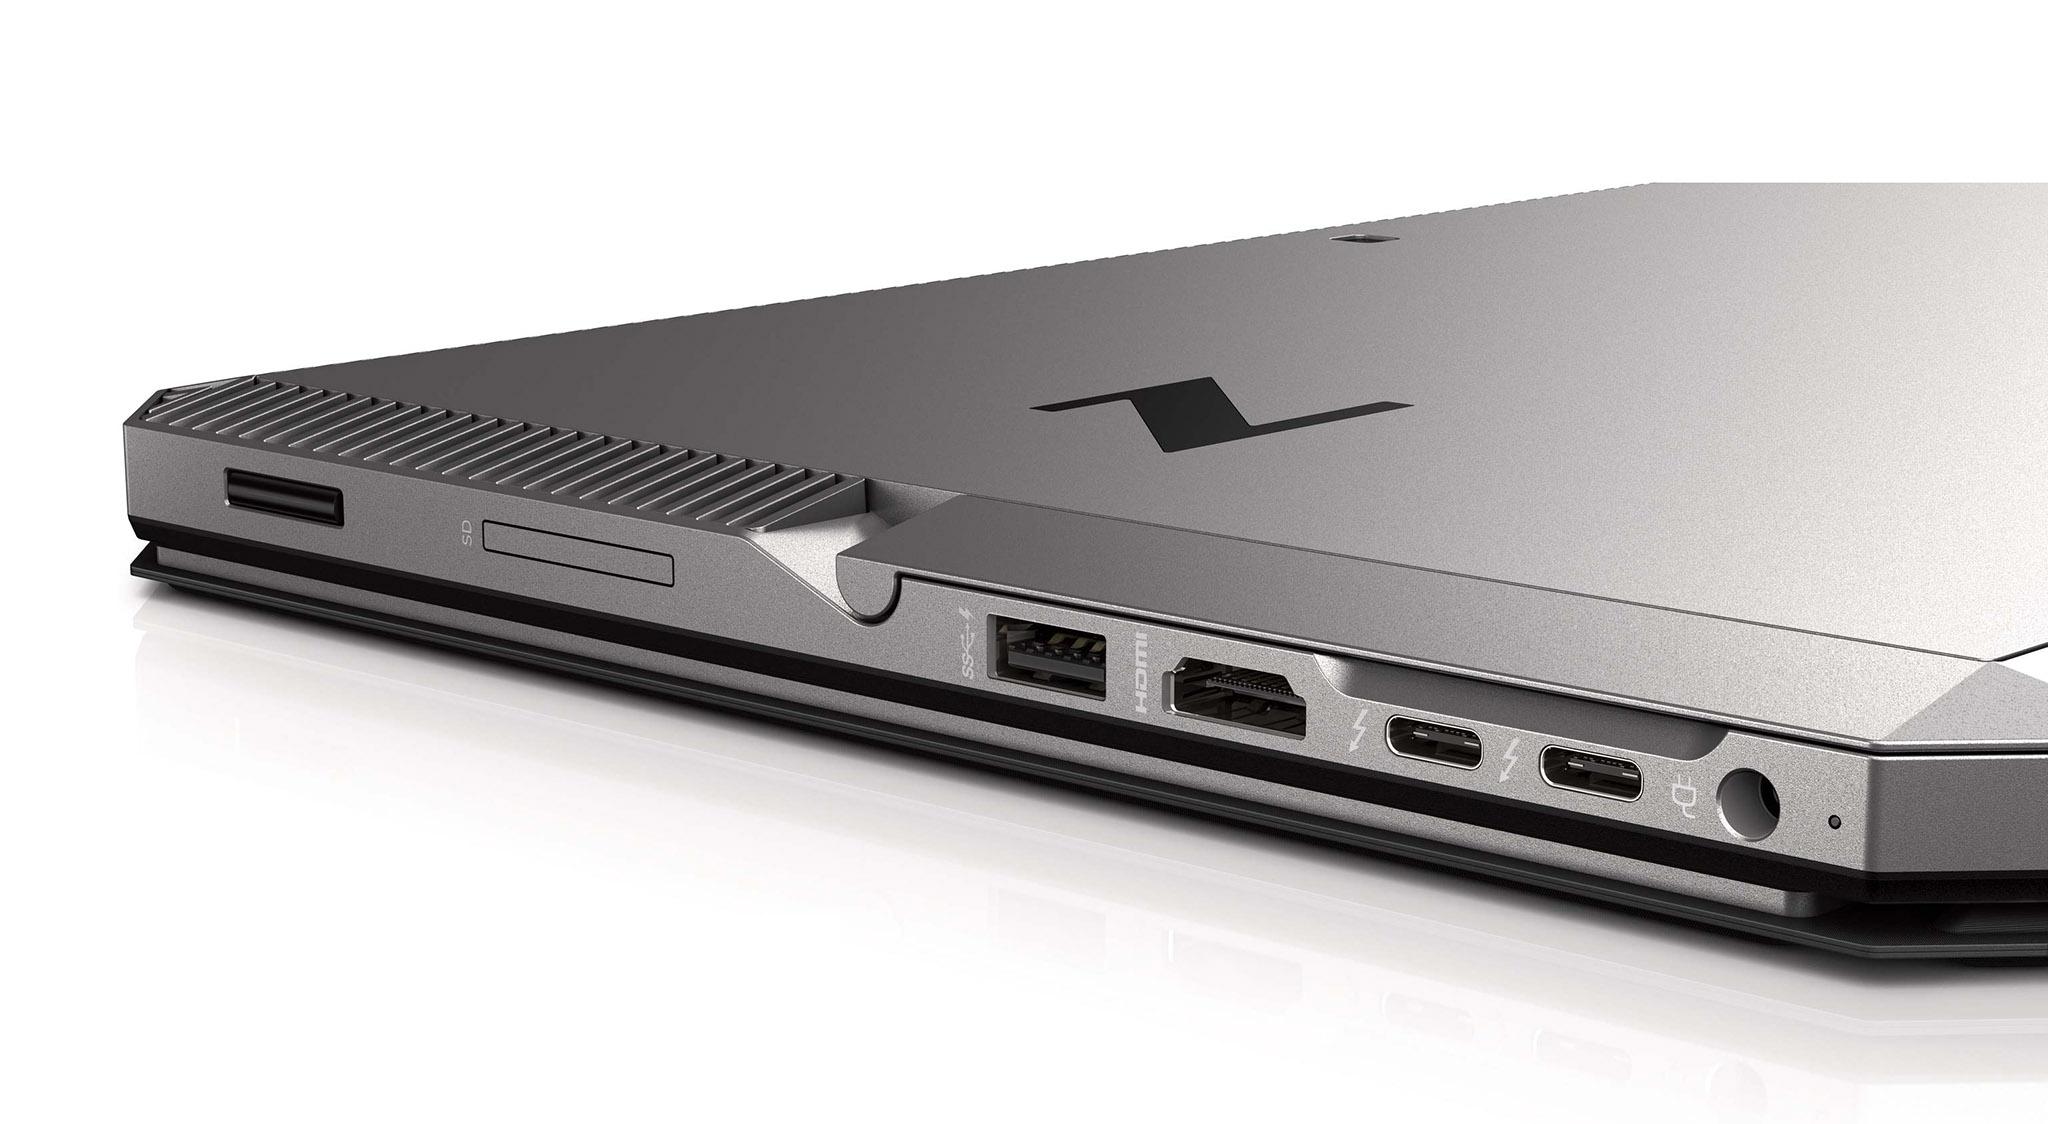 HP Zbook x2 3.jpg